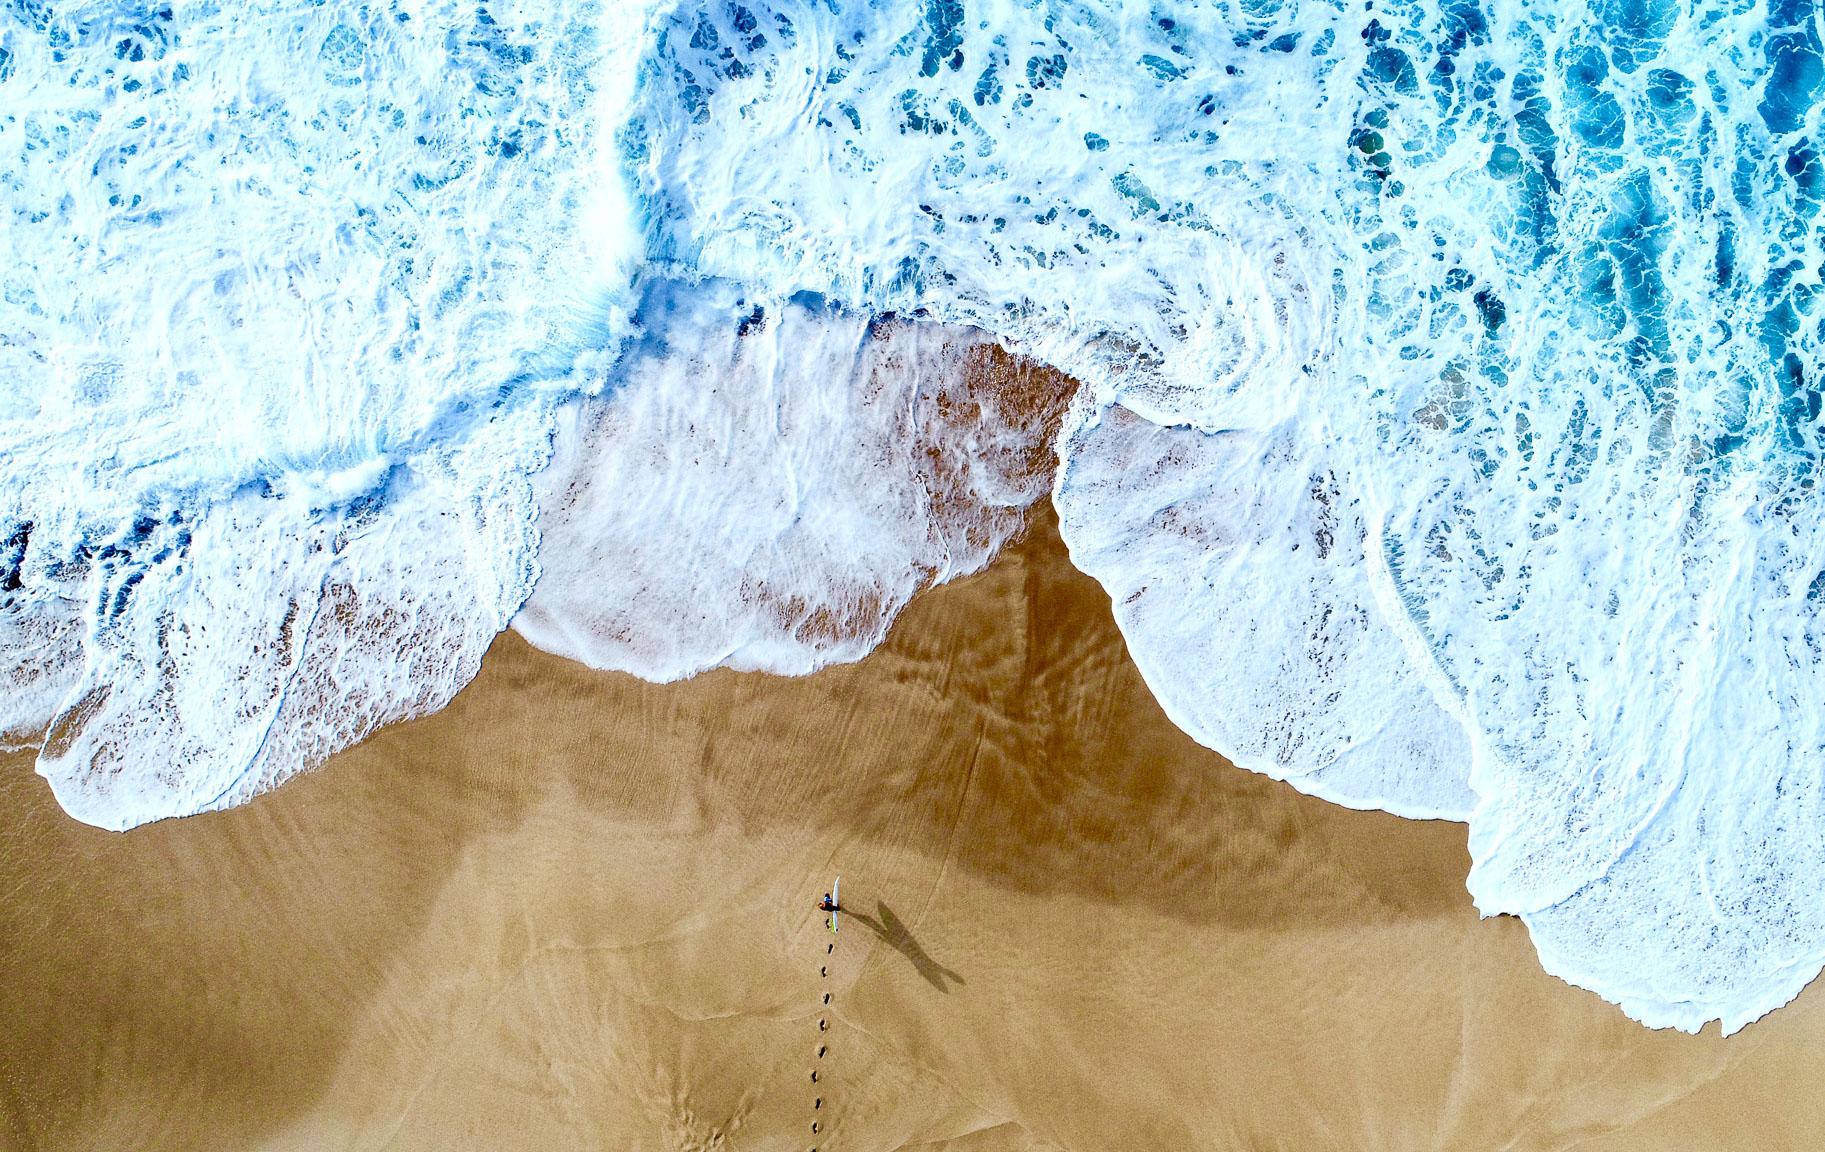 Mo Freitas, Ke'iki, Hawaii